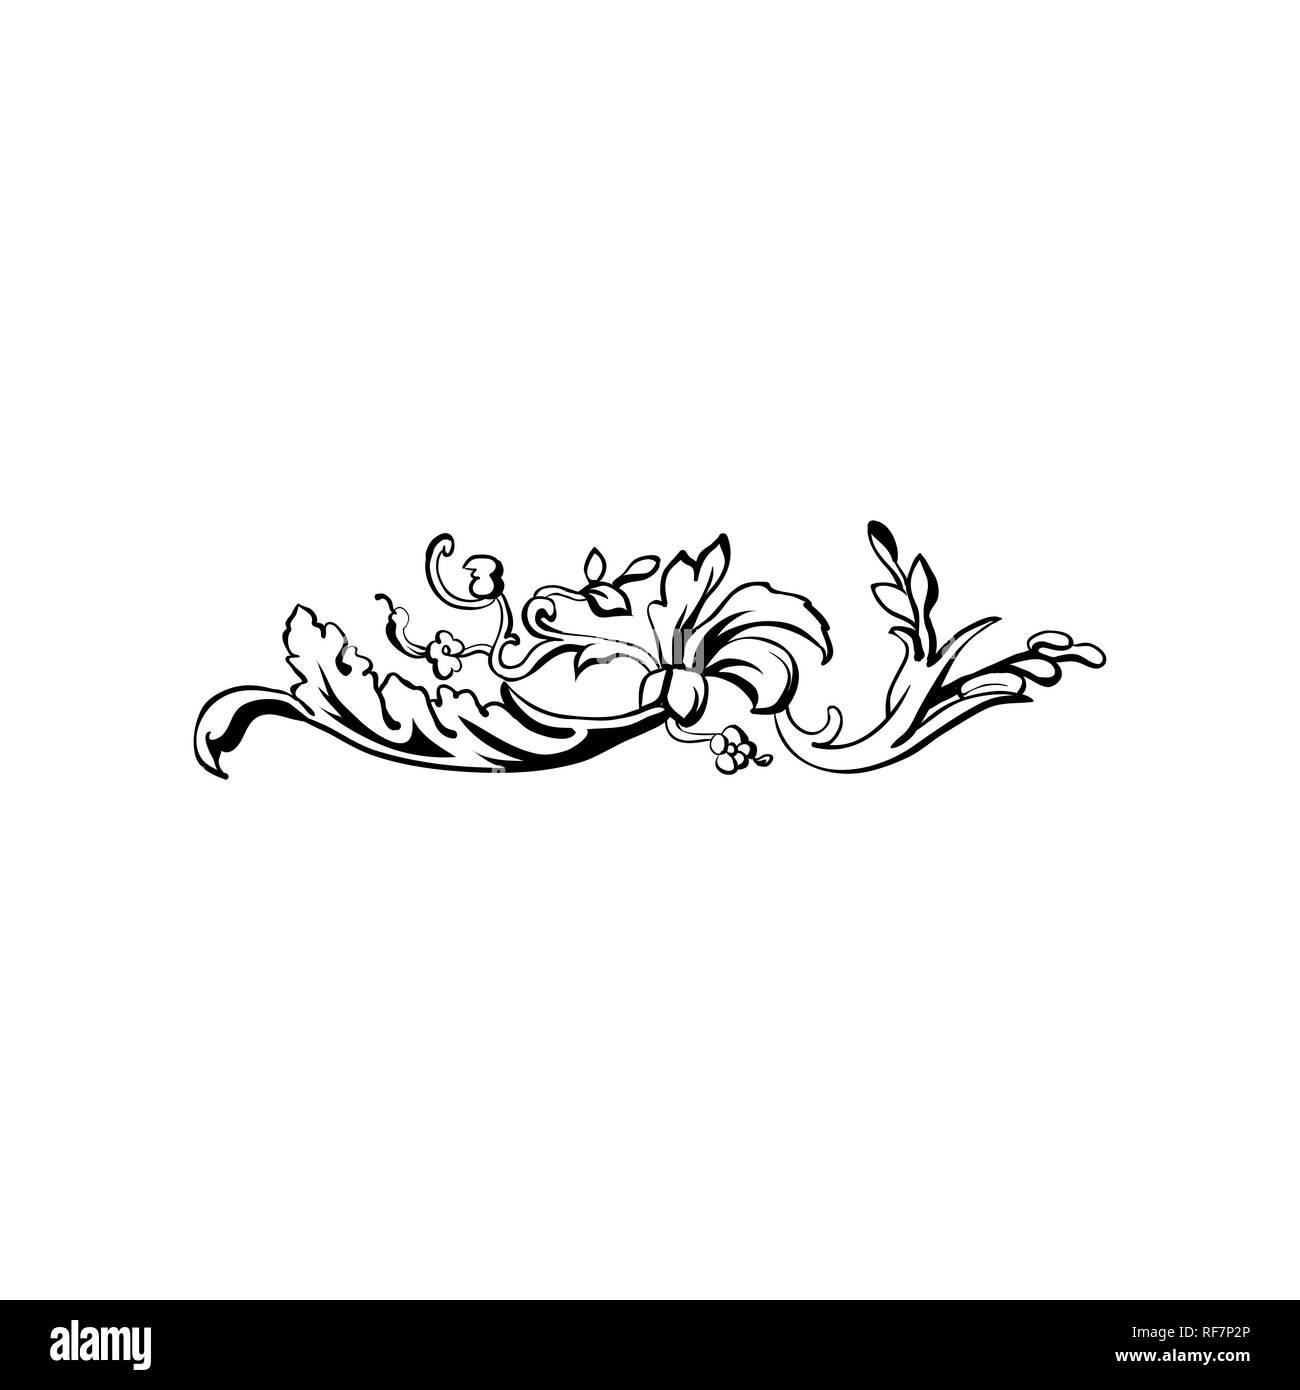 Prosperare testo vettoriale divisore. Vintage floreale di abbellimento calligrafico. Isolato nero ornati in elemento di design. Scrollwork decorativo clipart. Invito, biglietto di auguri, poster filigrana della decorazione Immagini Stock